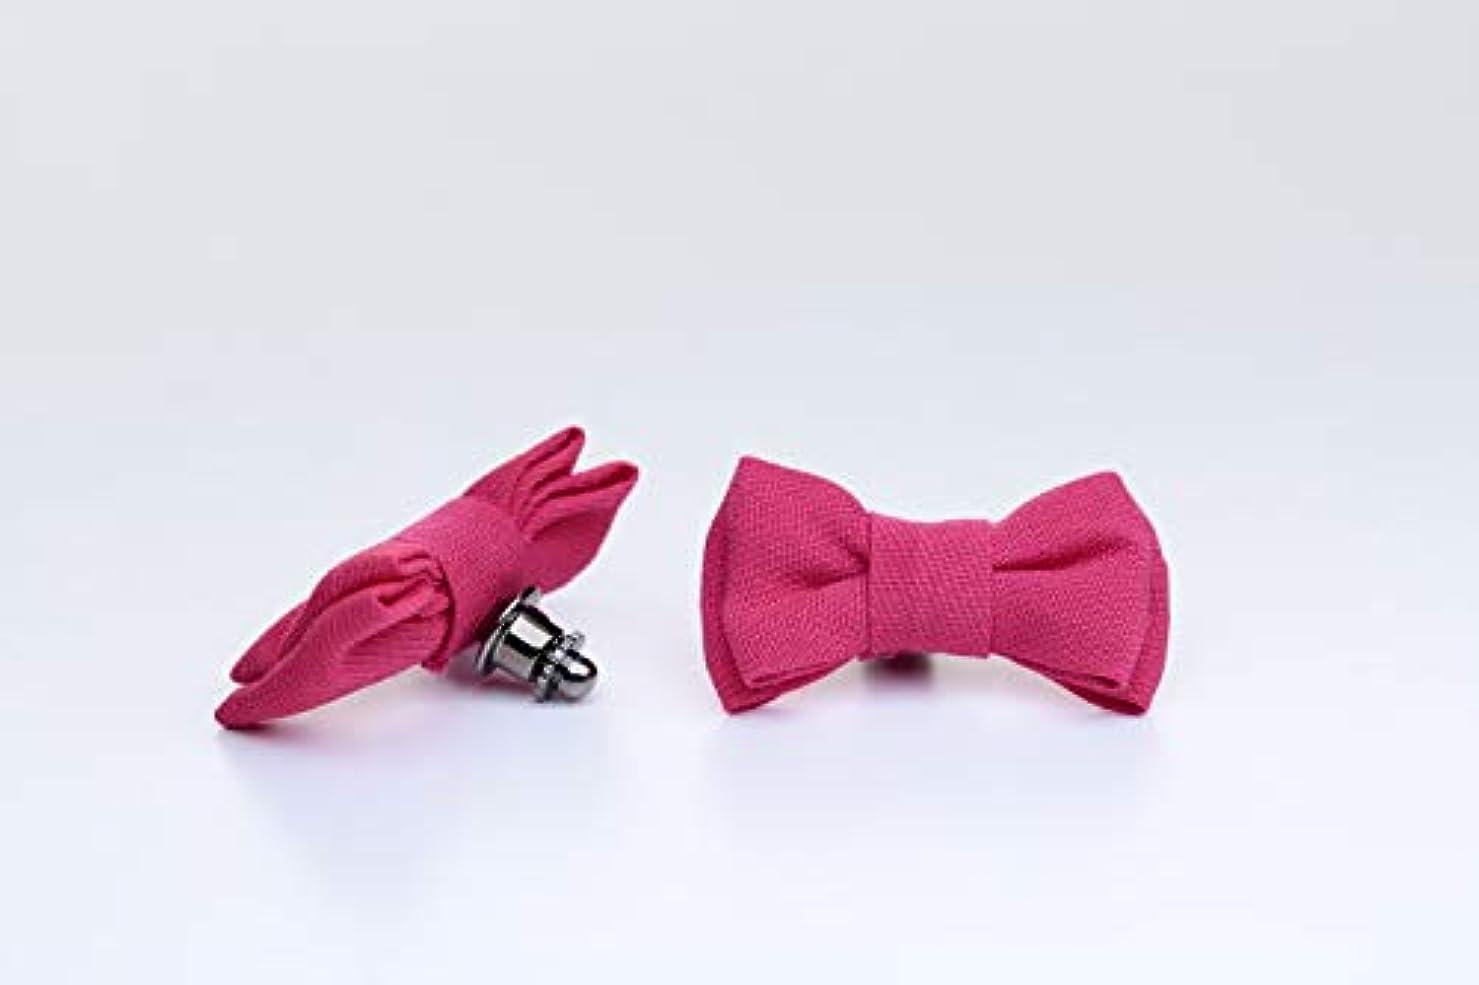 米国パーツ接続詞アロマピンズ リボン #2(ピンク)